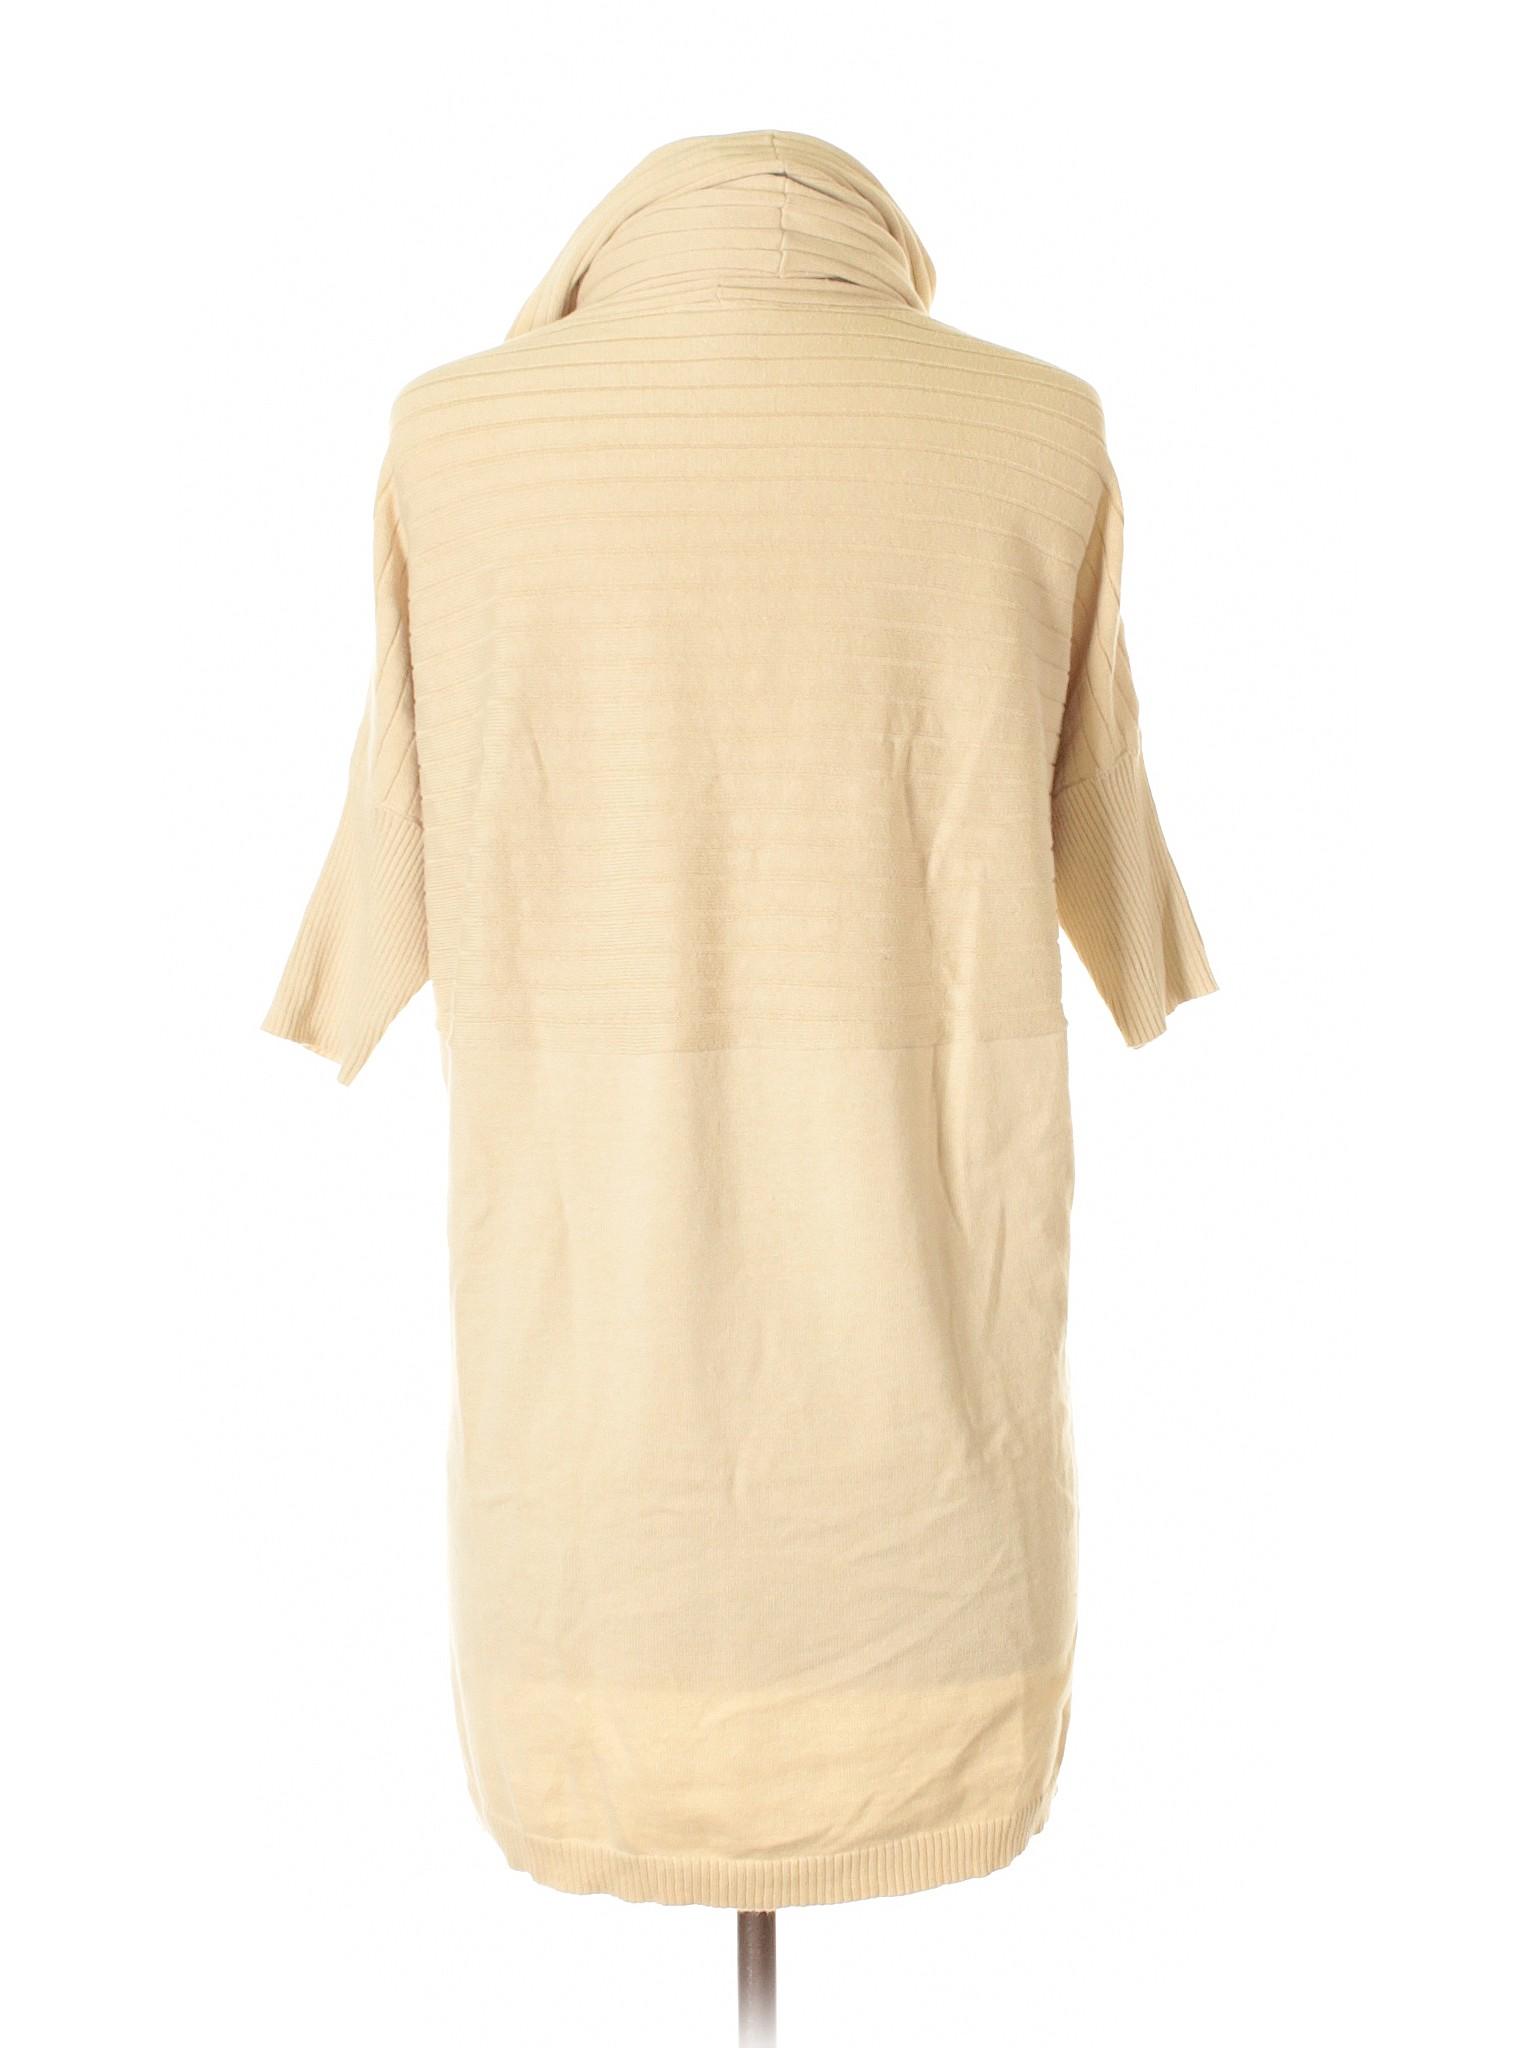 Boutique Boutique Boutique Pullover Joan Vass Sweater Joan Vass Joan Pullover Vass Pullover Sweater qgTtB